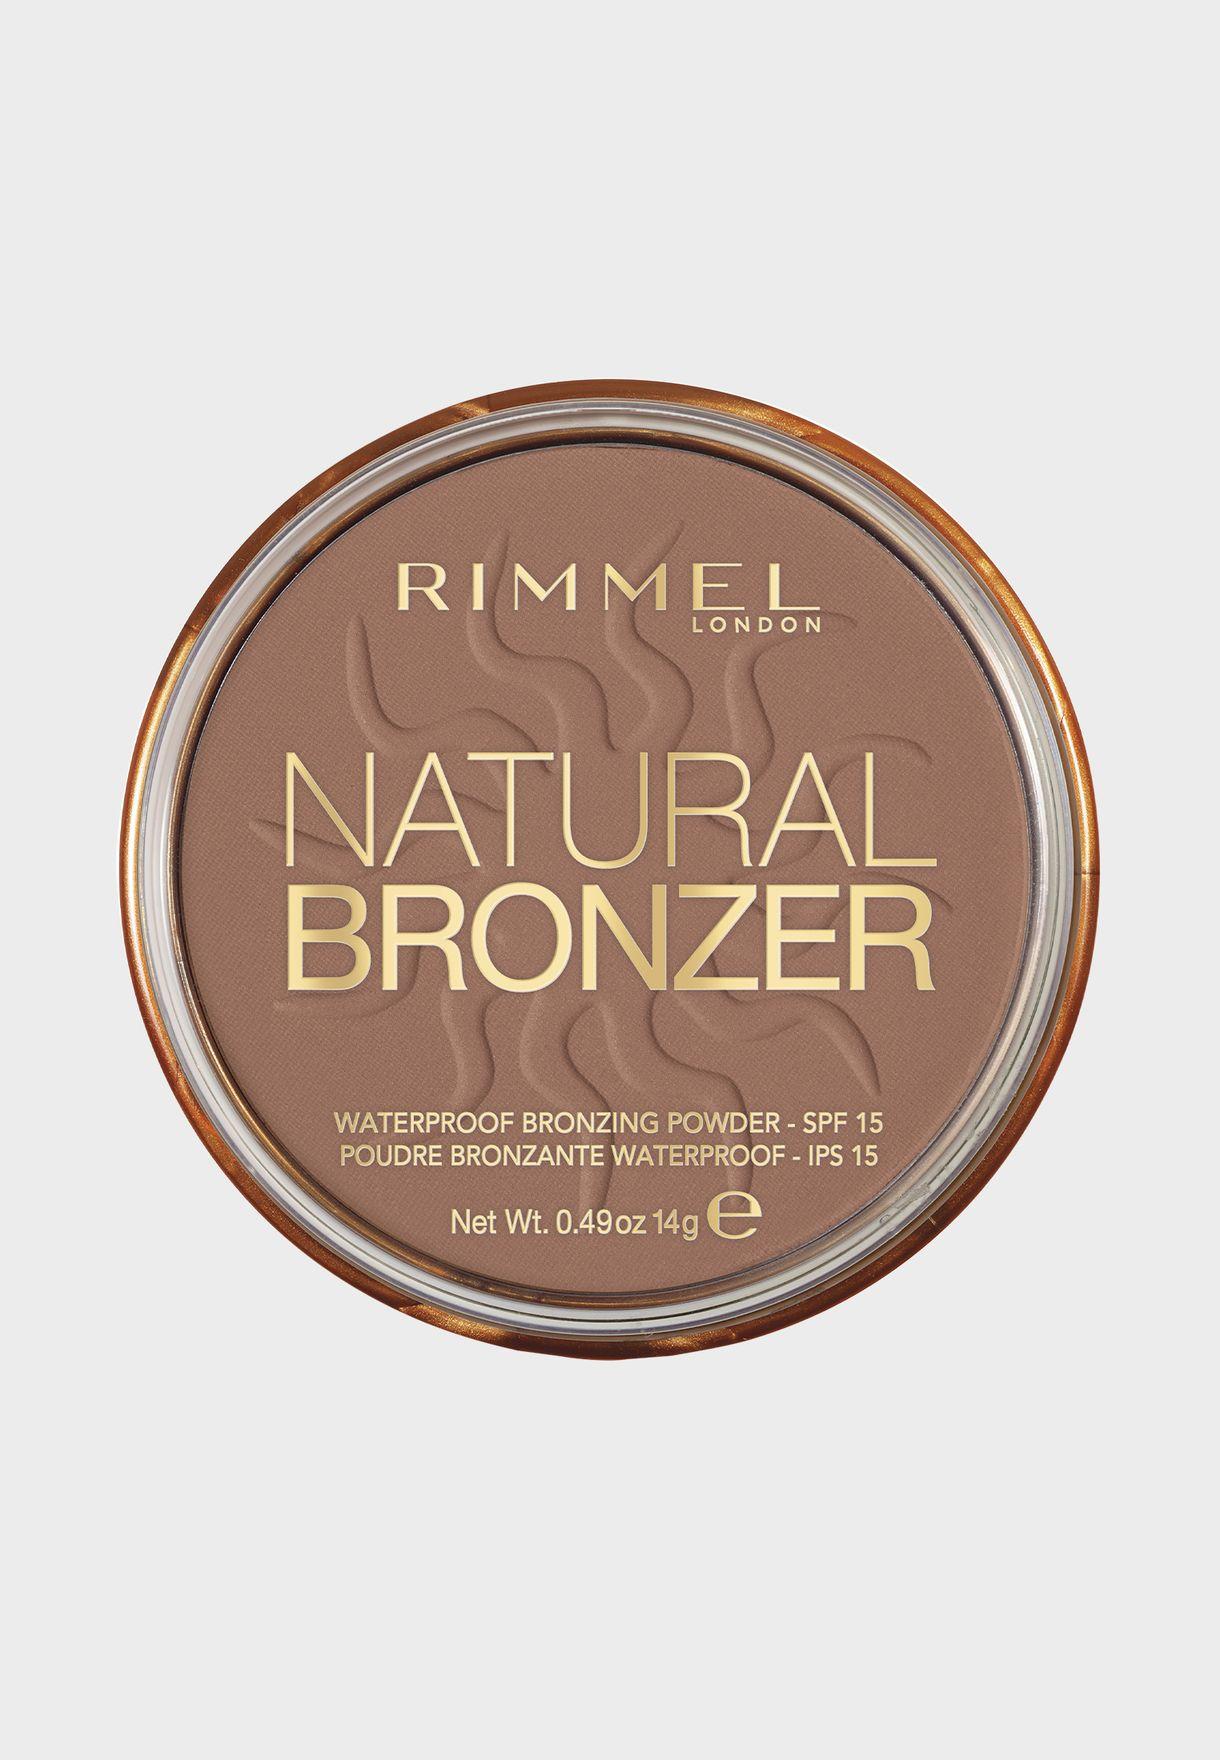 برونزر طبيعي للبشرة - 26 صن كيسد